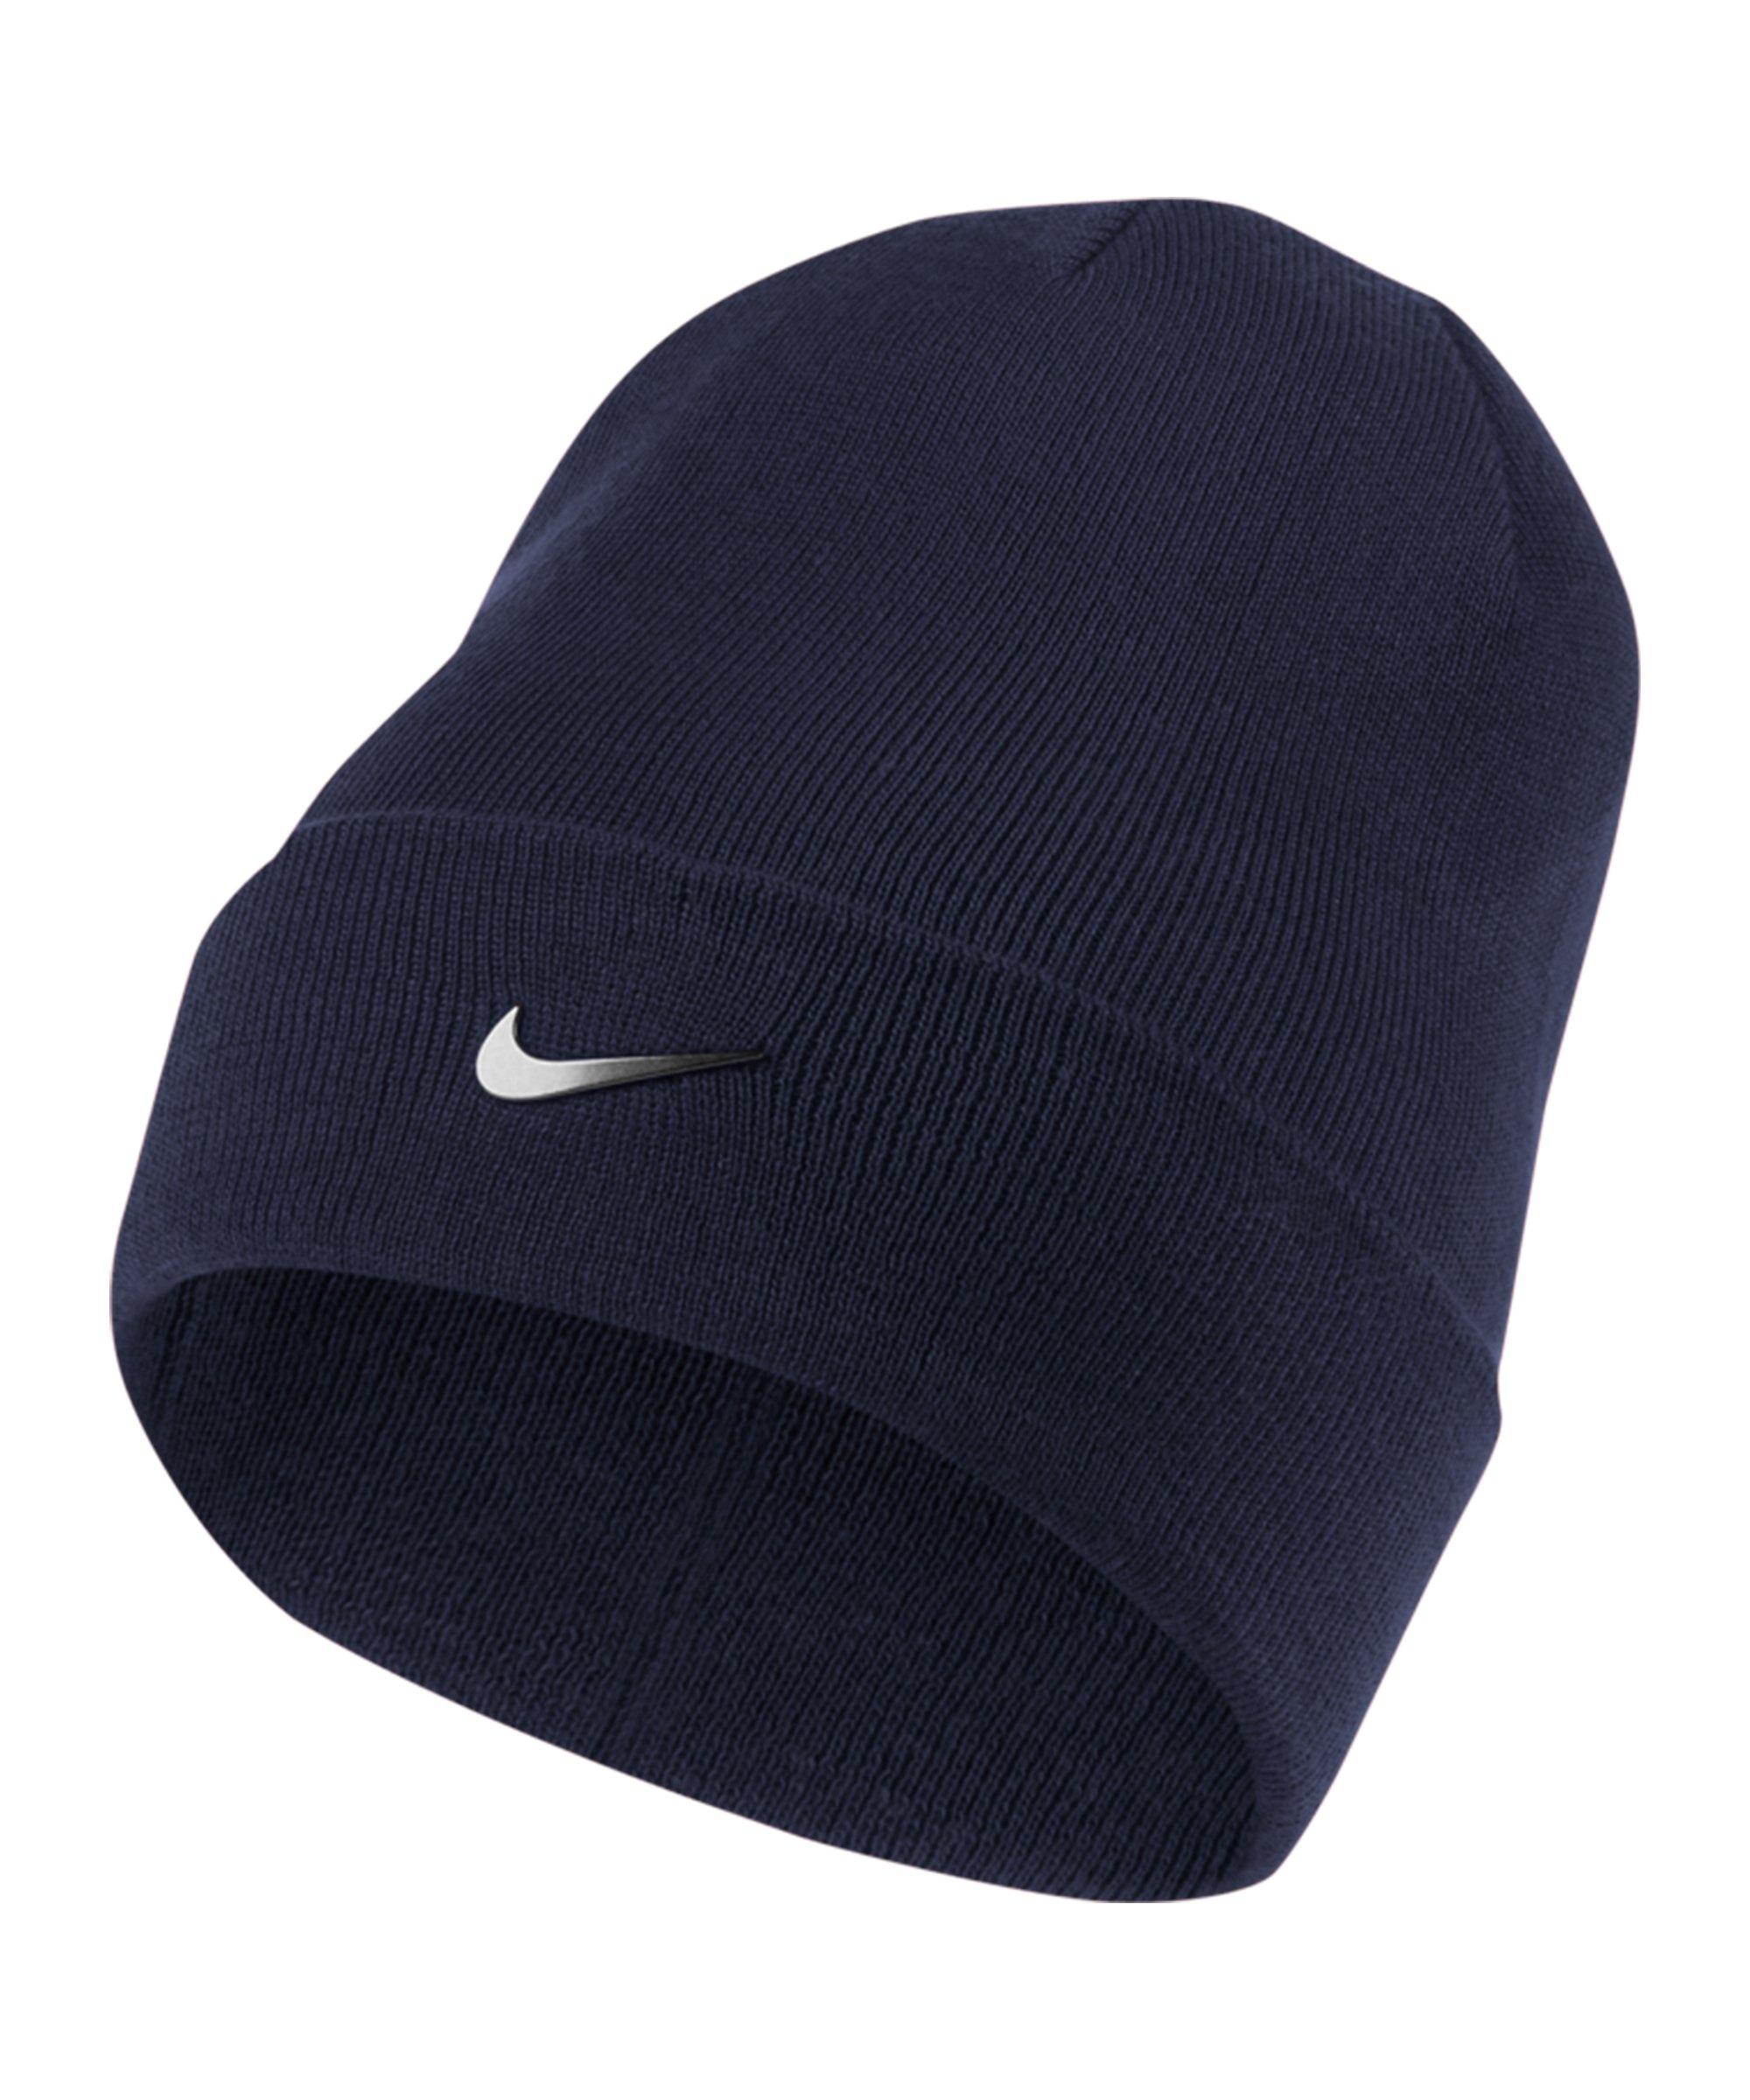 Nike Swoosh Beanie Blau F451 - blau